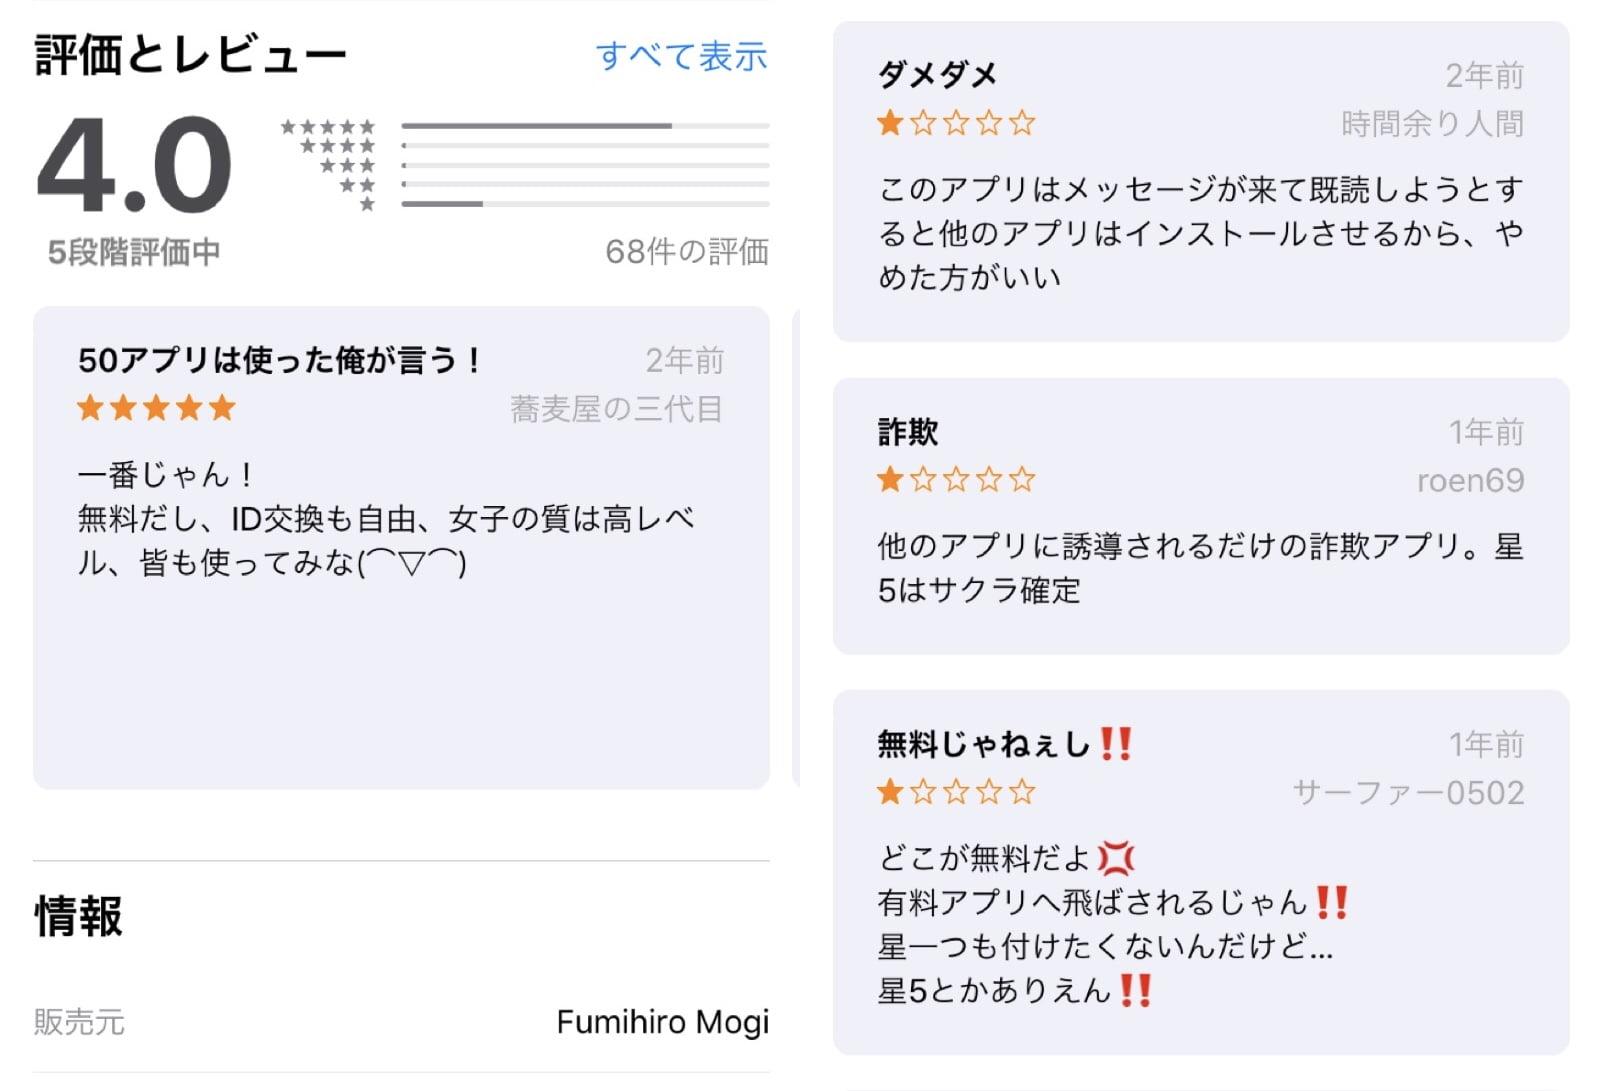 ギガ出会いの口コミ評価とレビュー詳細